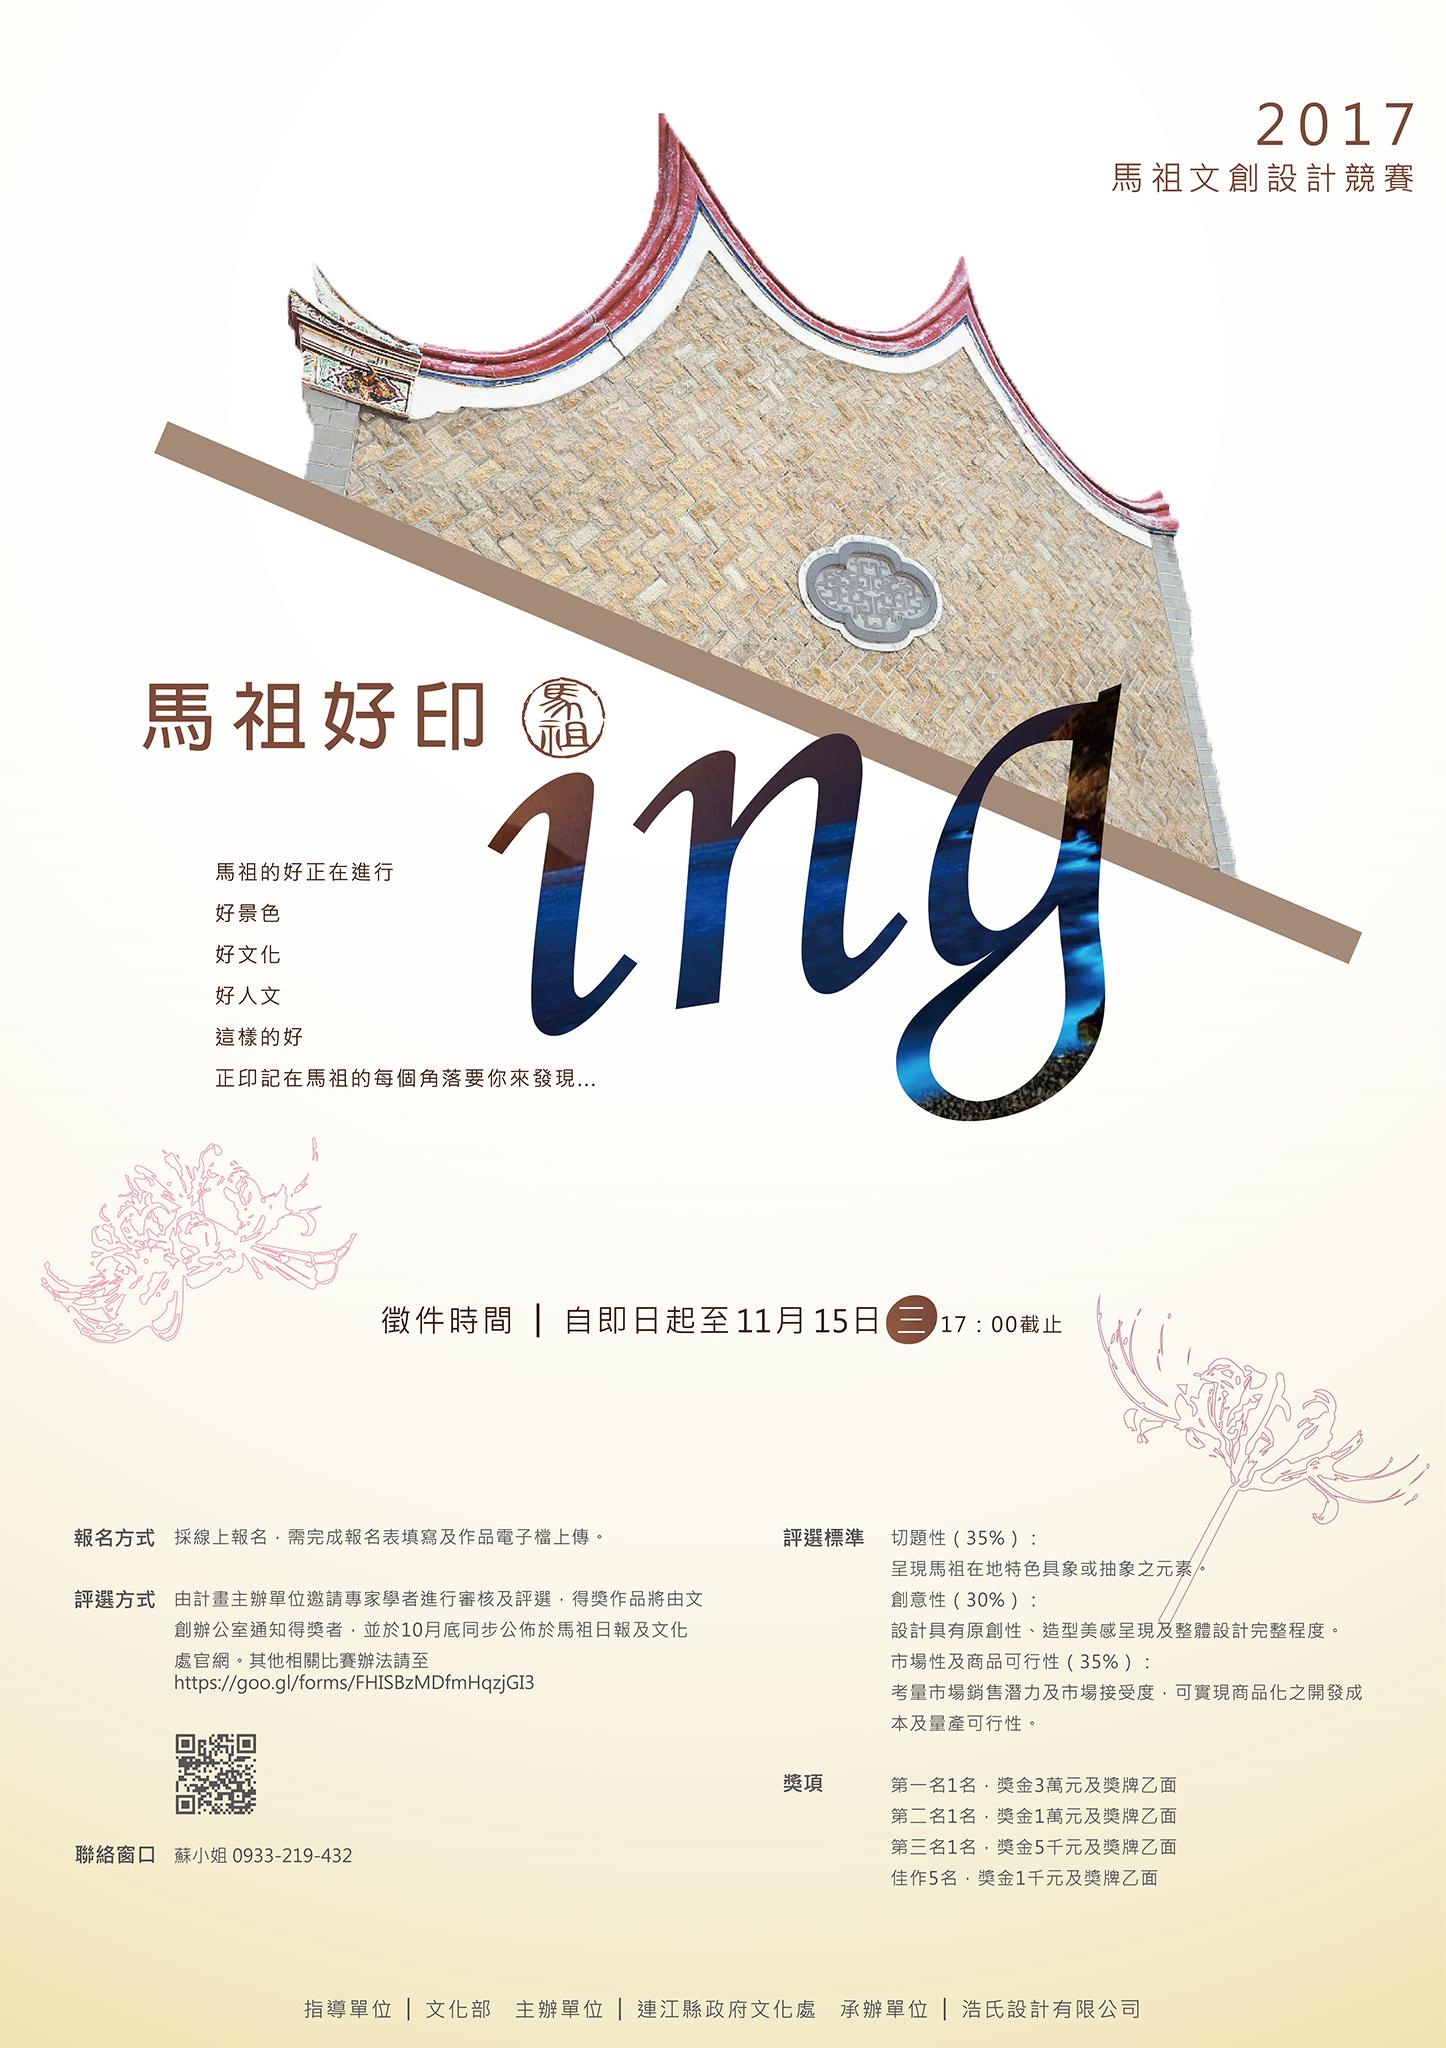 106年馬祖文創設計競賽 - 海報